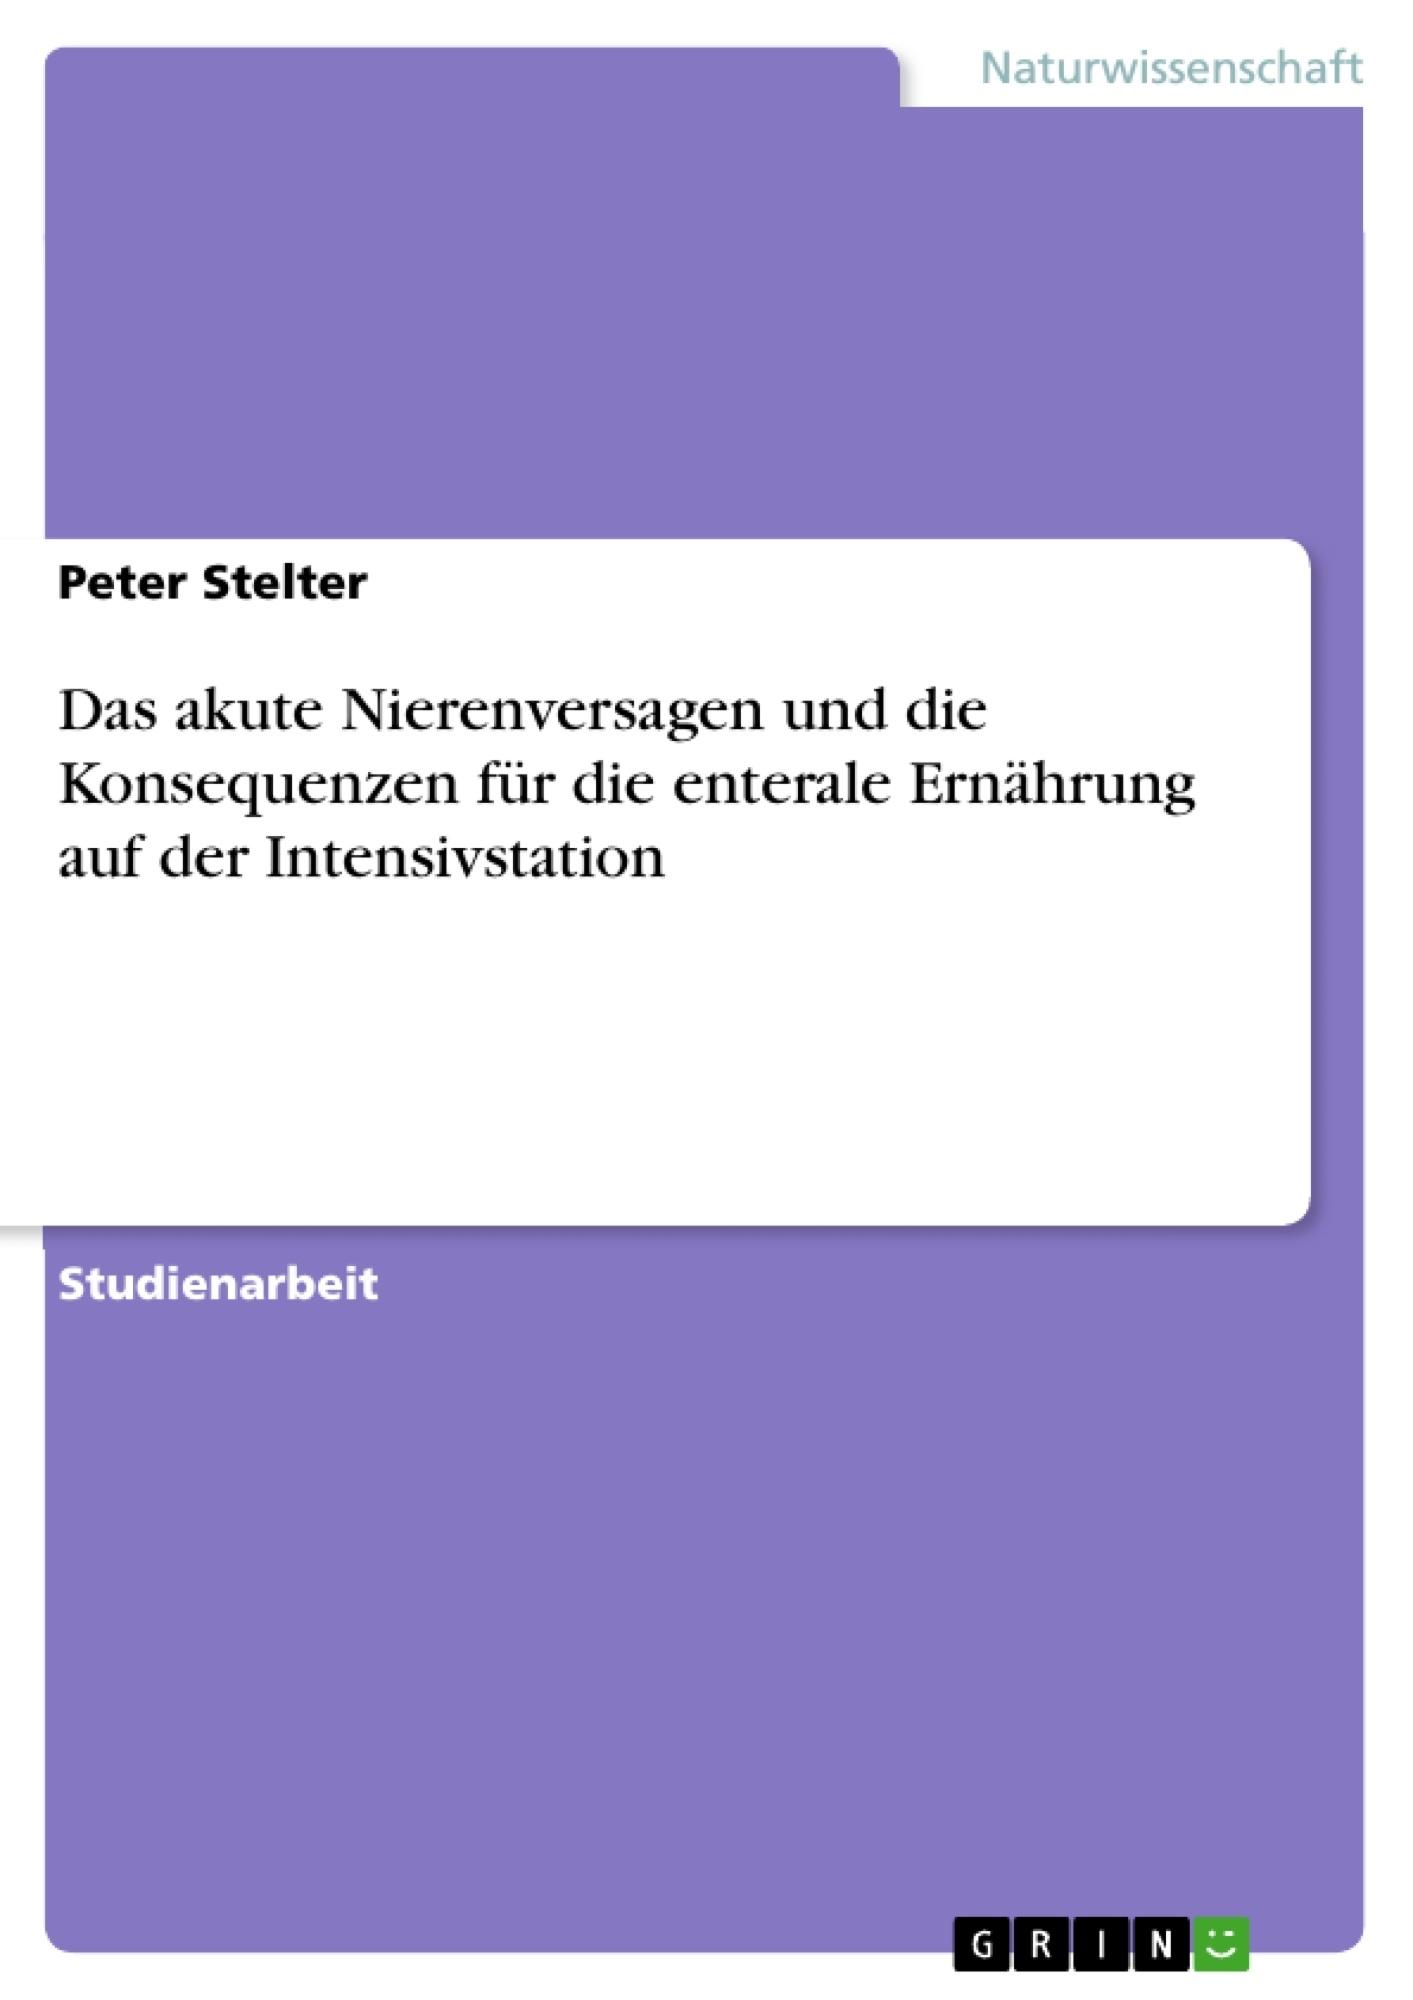 Titel: Das akute Nierenversagen und die Konsequenzen für die enterale Ernährung auf der Intensivstation